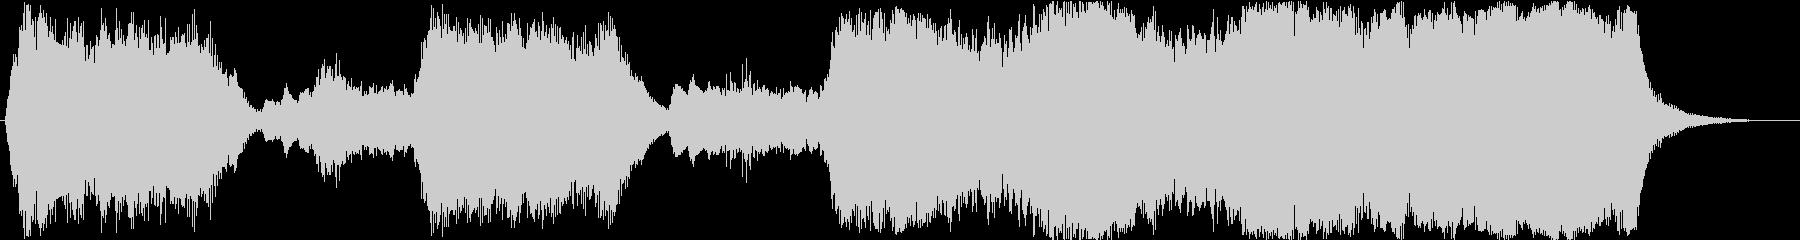 金管のみを使ったファンファーレ1の未再生の波形